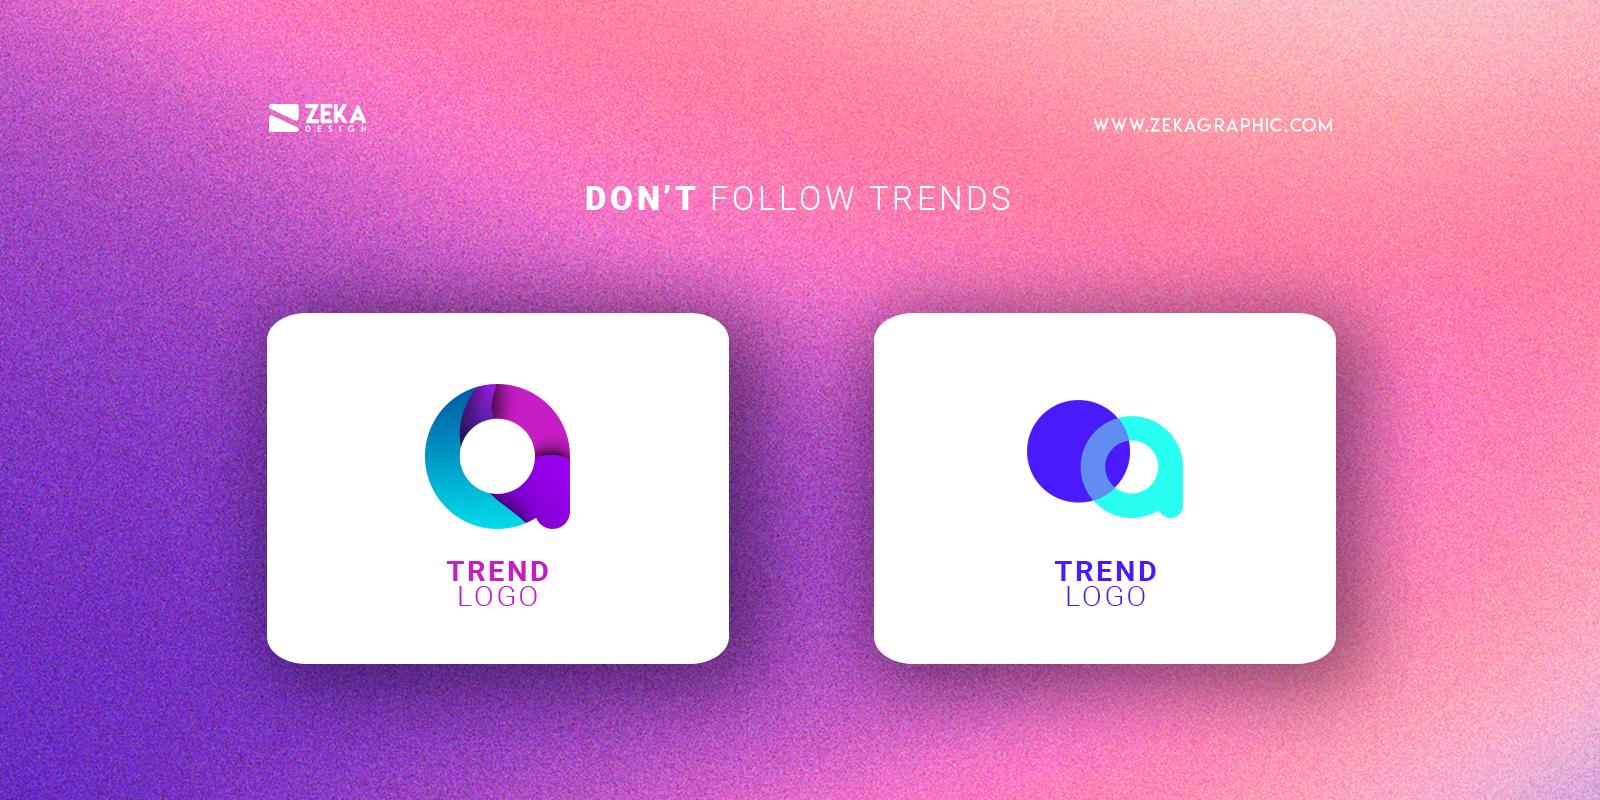 Logo Design Dont Follow Trends Tip